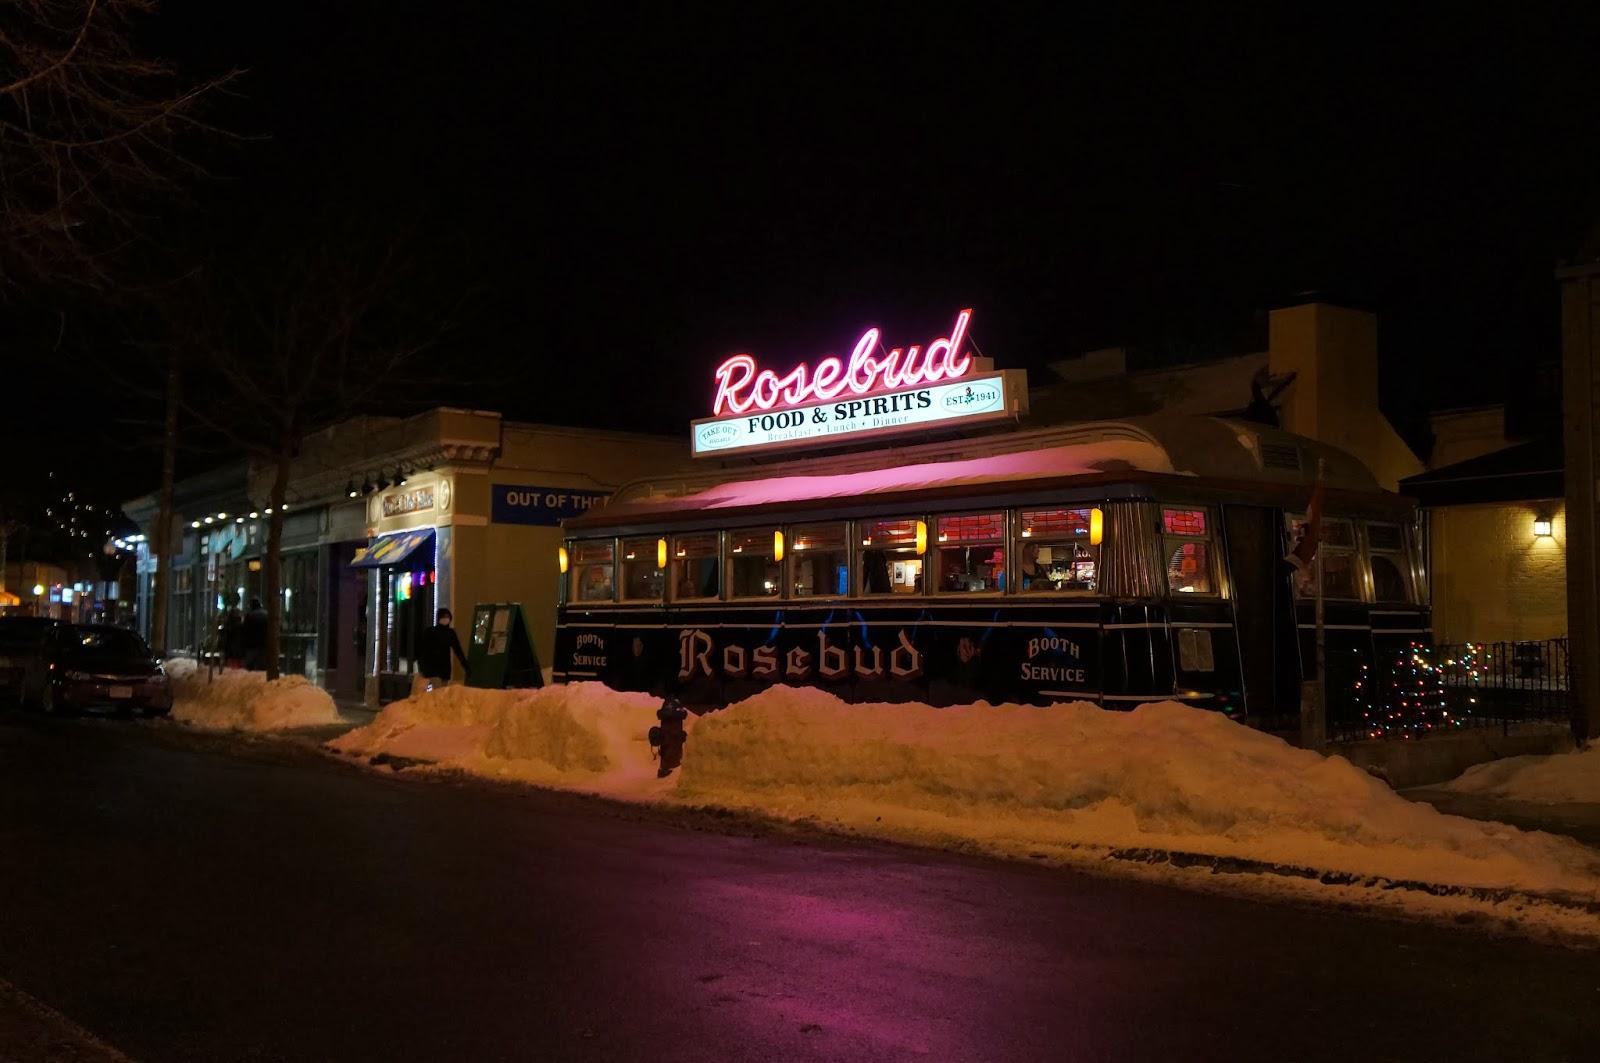 Rosebud in Somerville